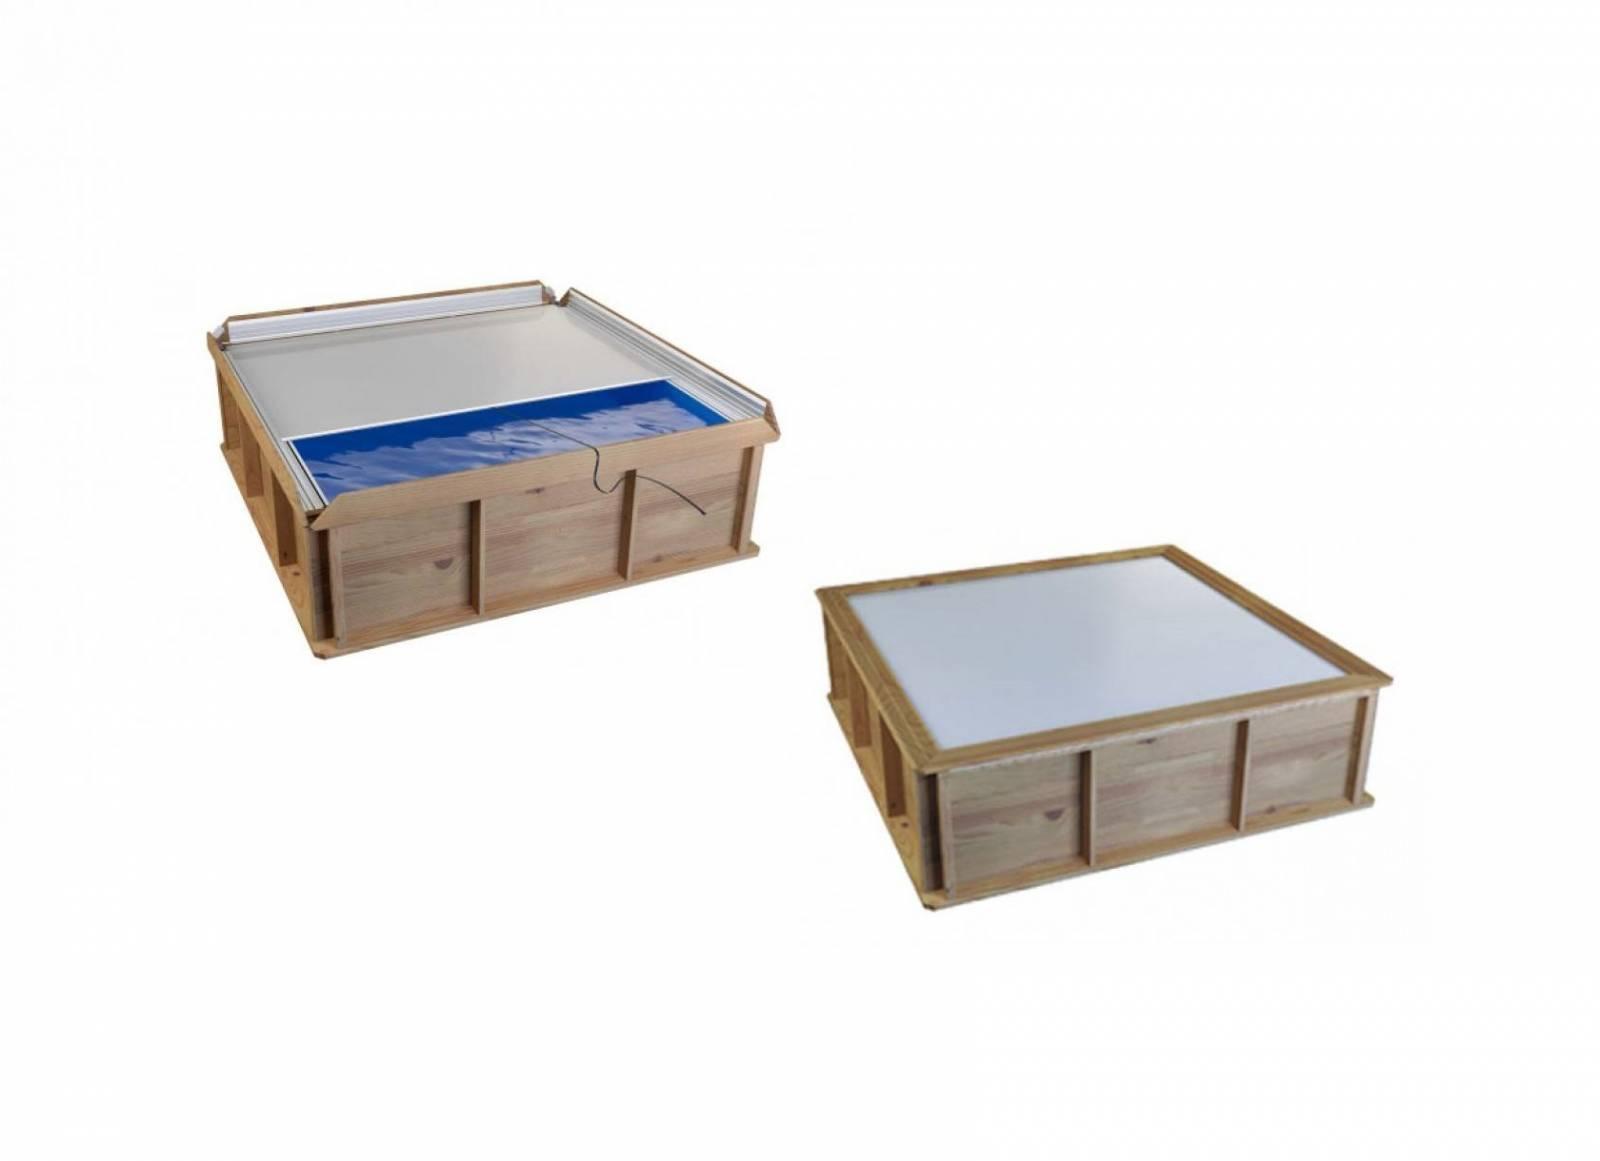 Petite piscine hors sol bois carrée 2x2 pour enfants